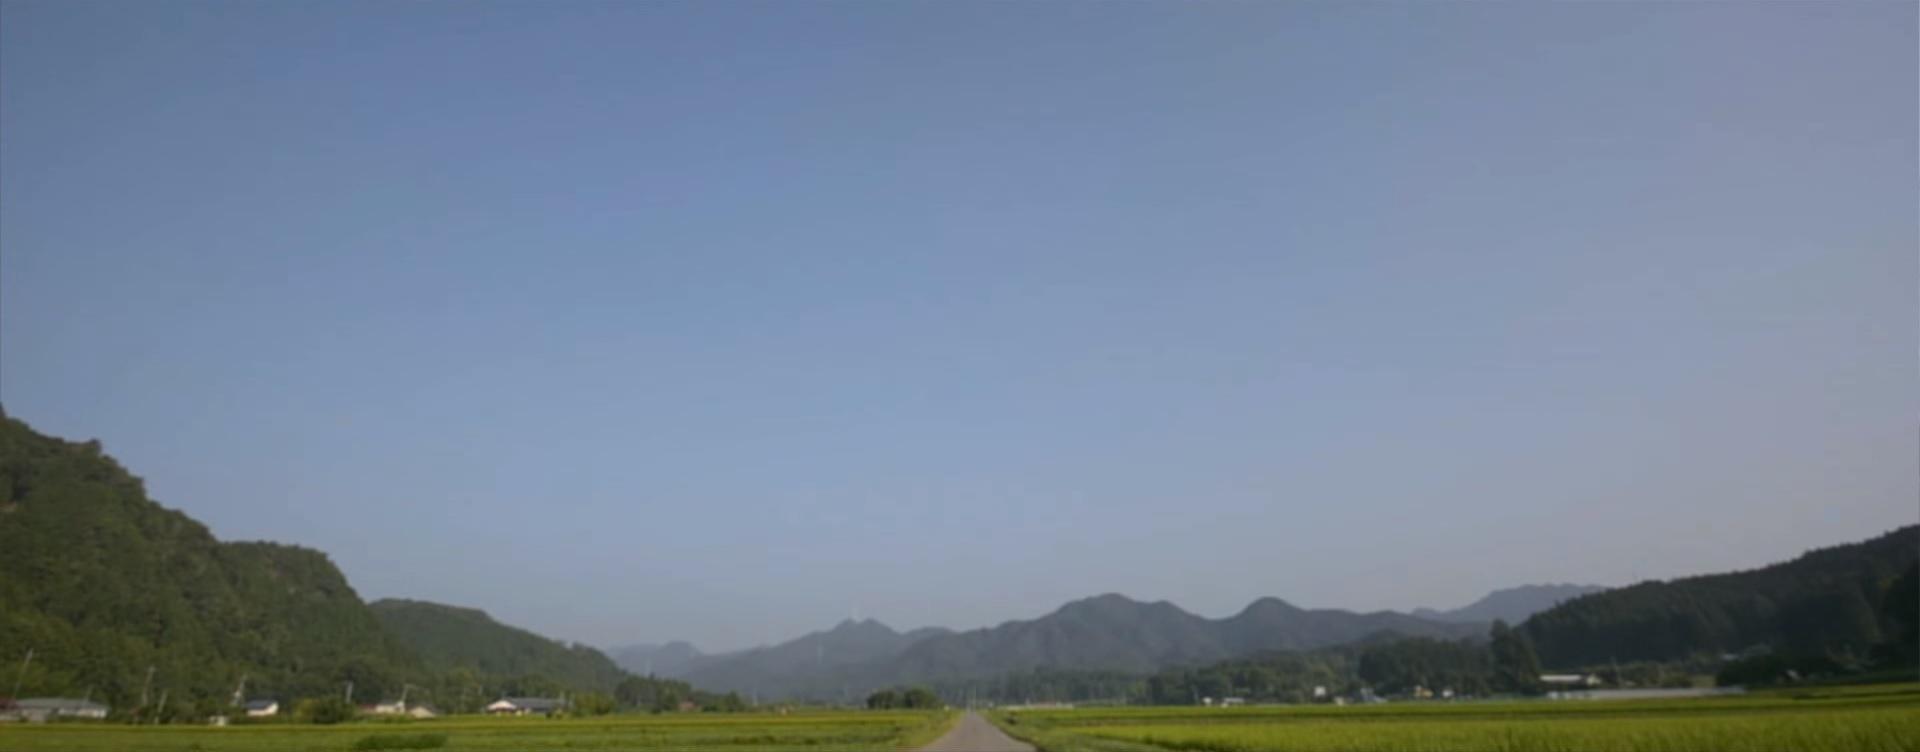 鹿沼市の田園風景